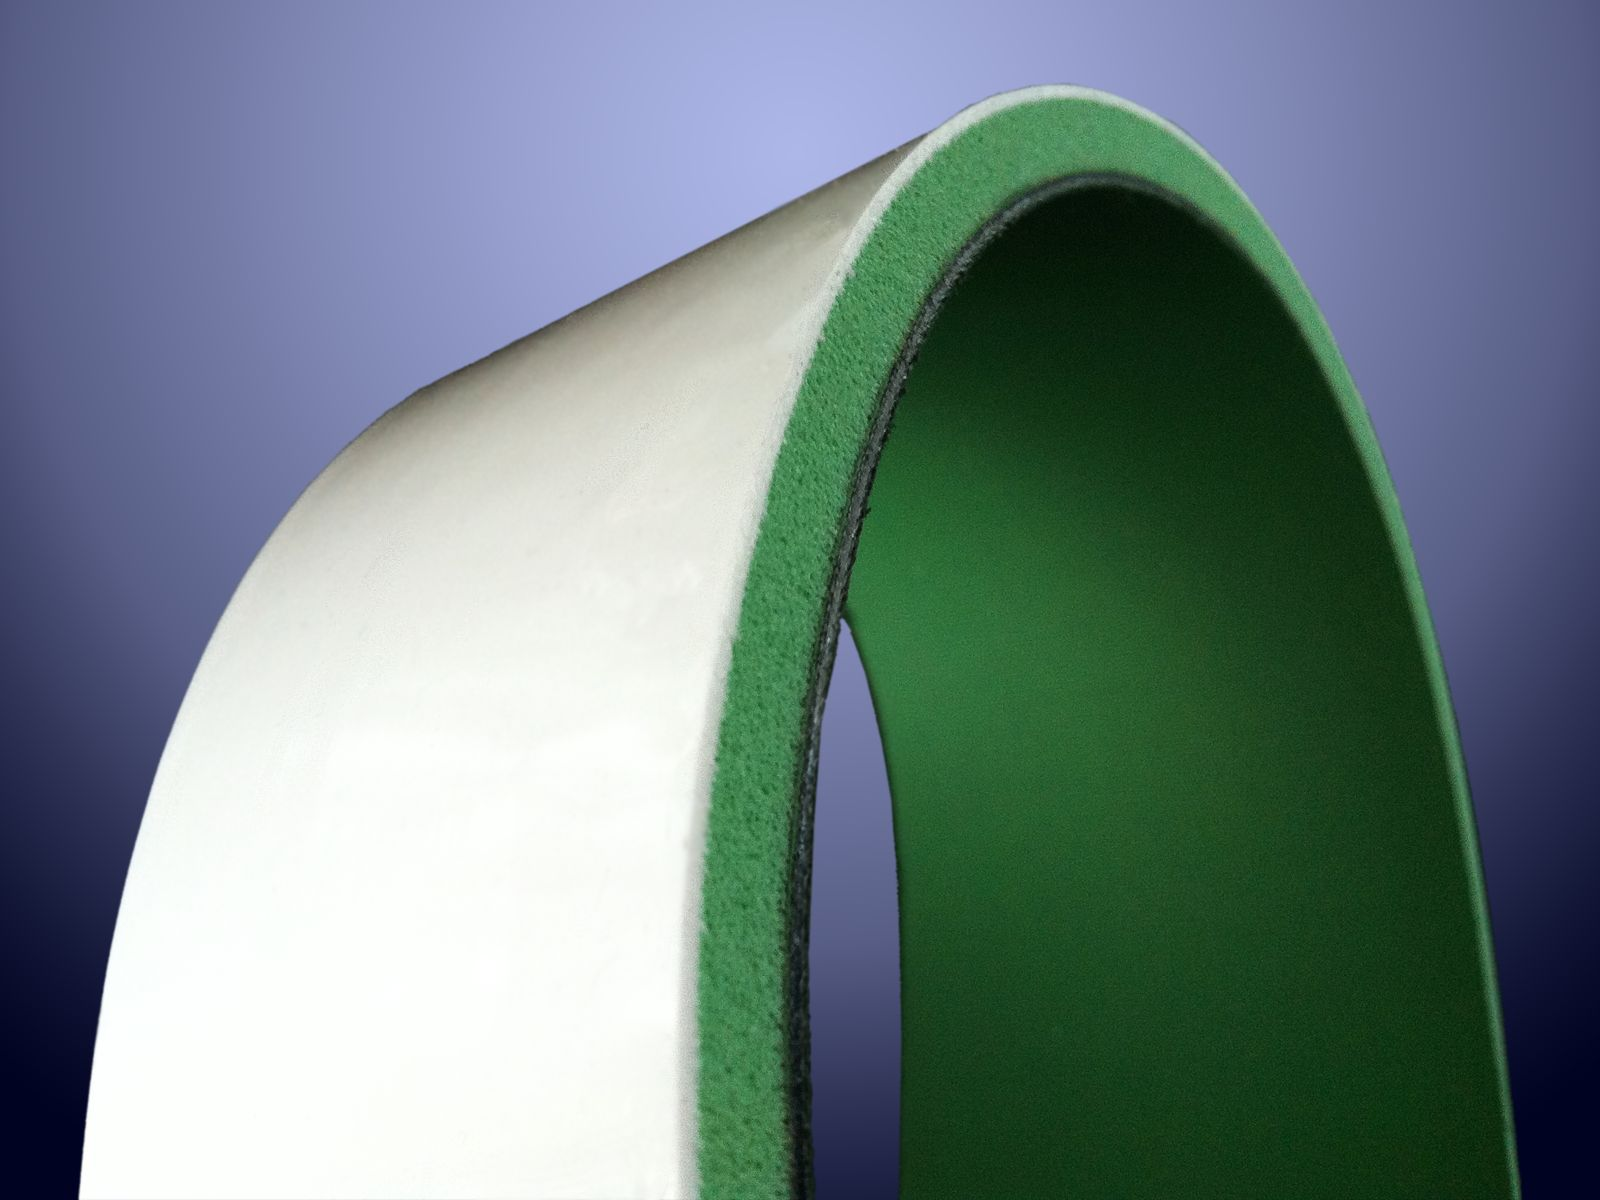 Rivestimento in sylomer verde con sovraspessore in silicone 30 shore da 1 mm